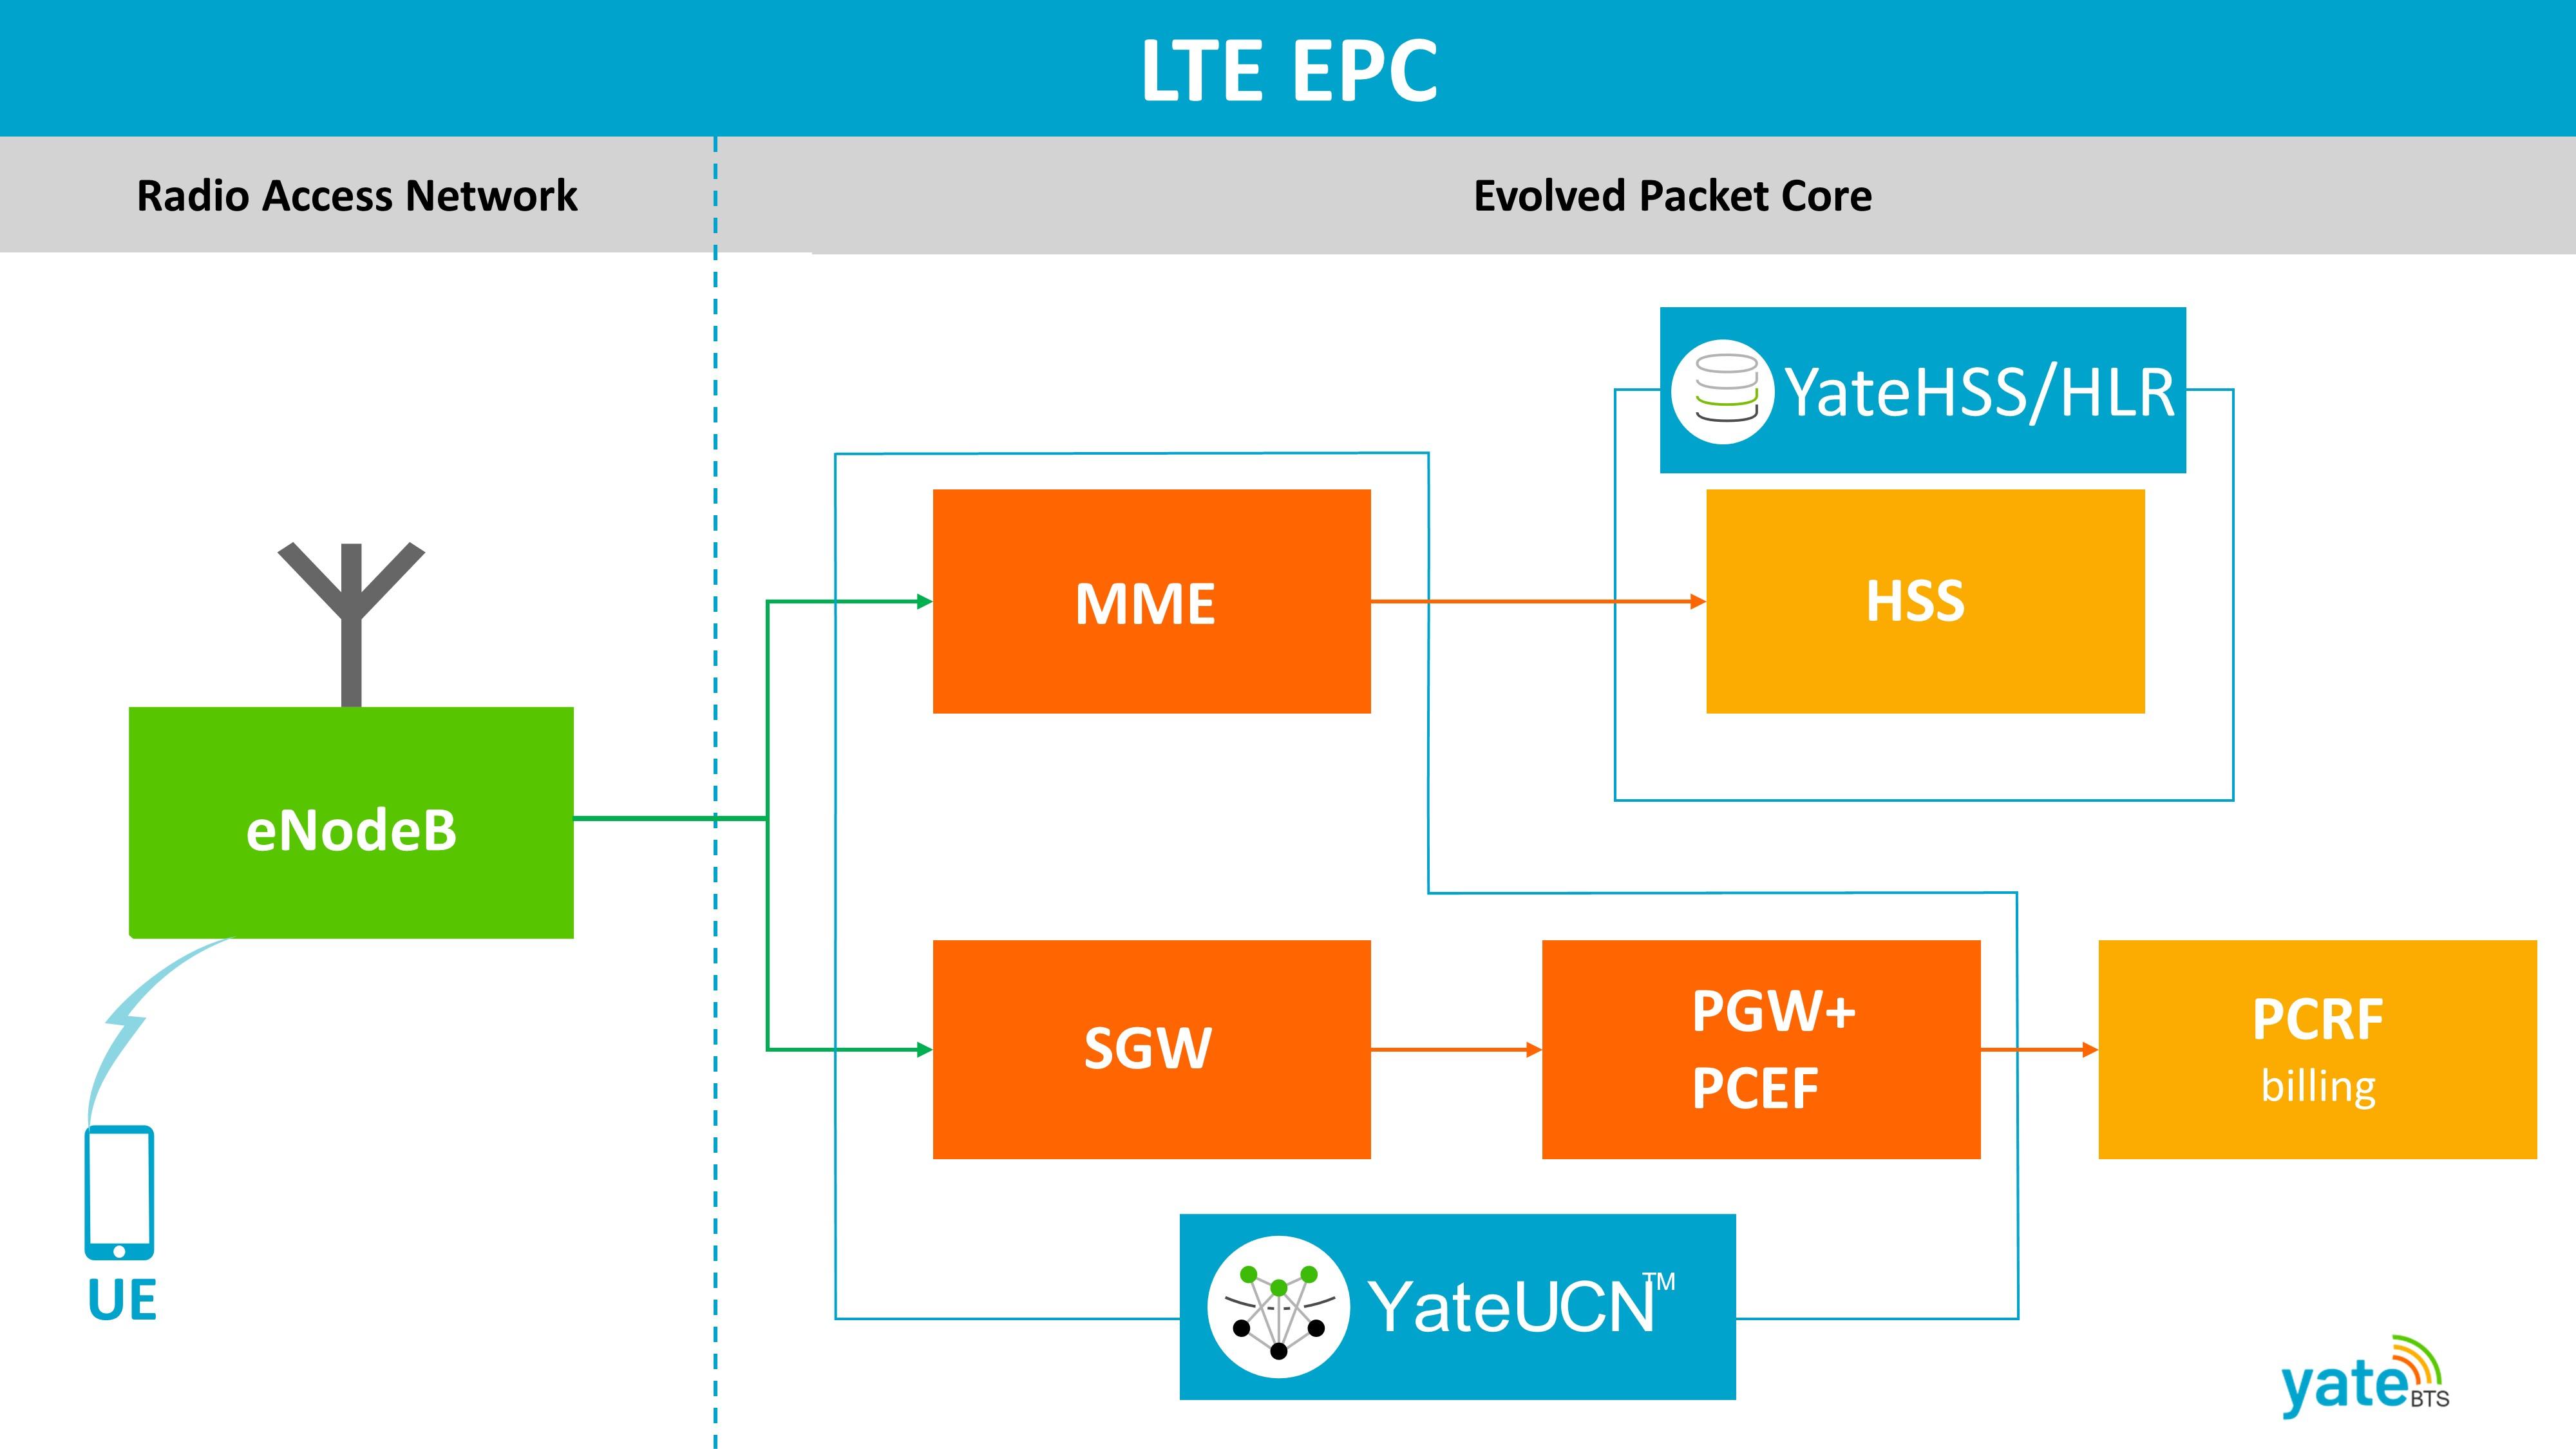 LTE EPC